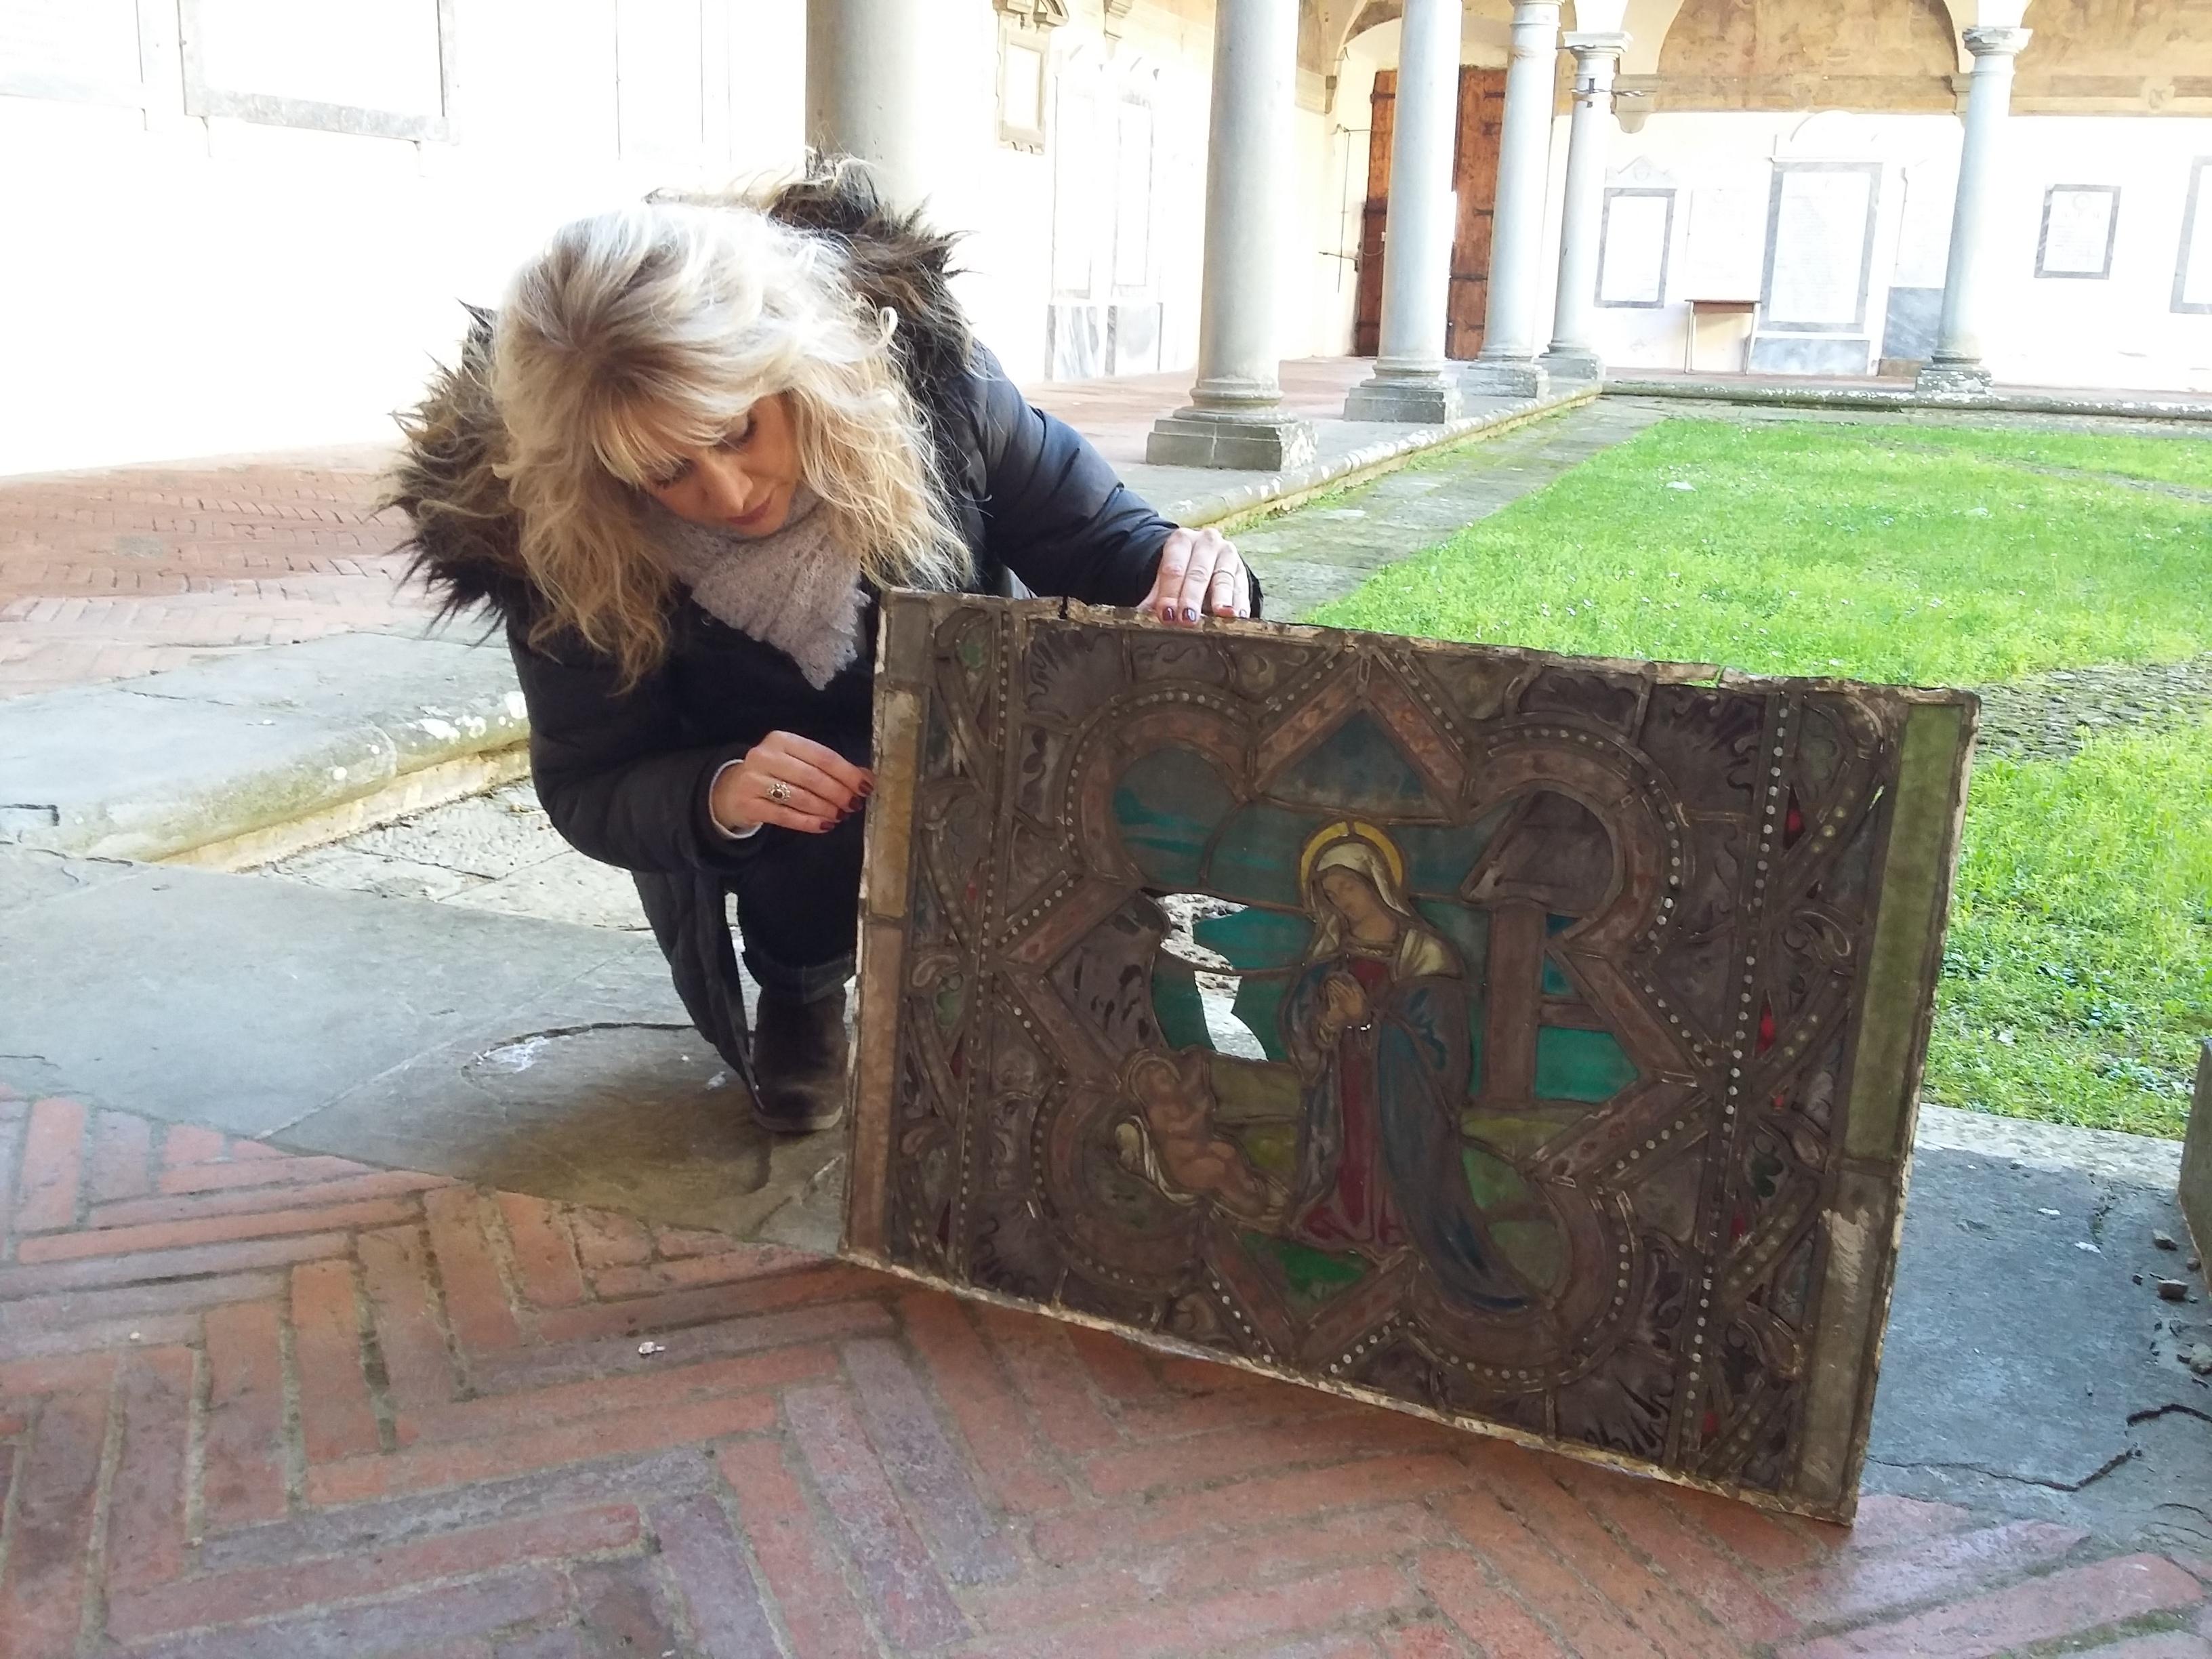 Chiesa di San Francesco: alla ricerca di Mecenati con l'Art Bonus